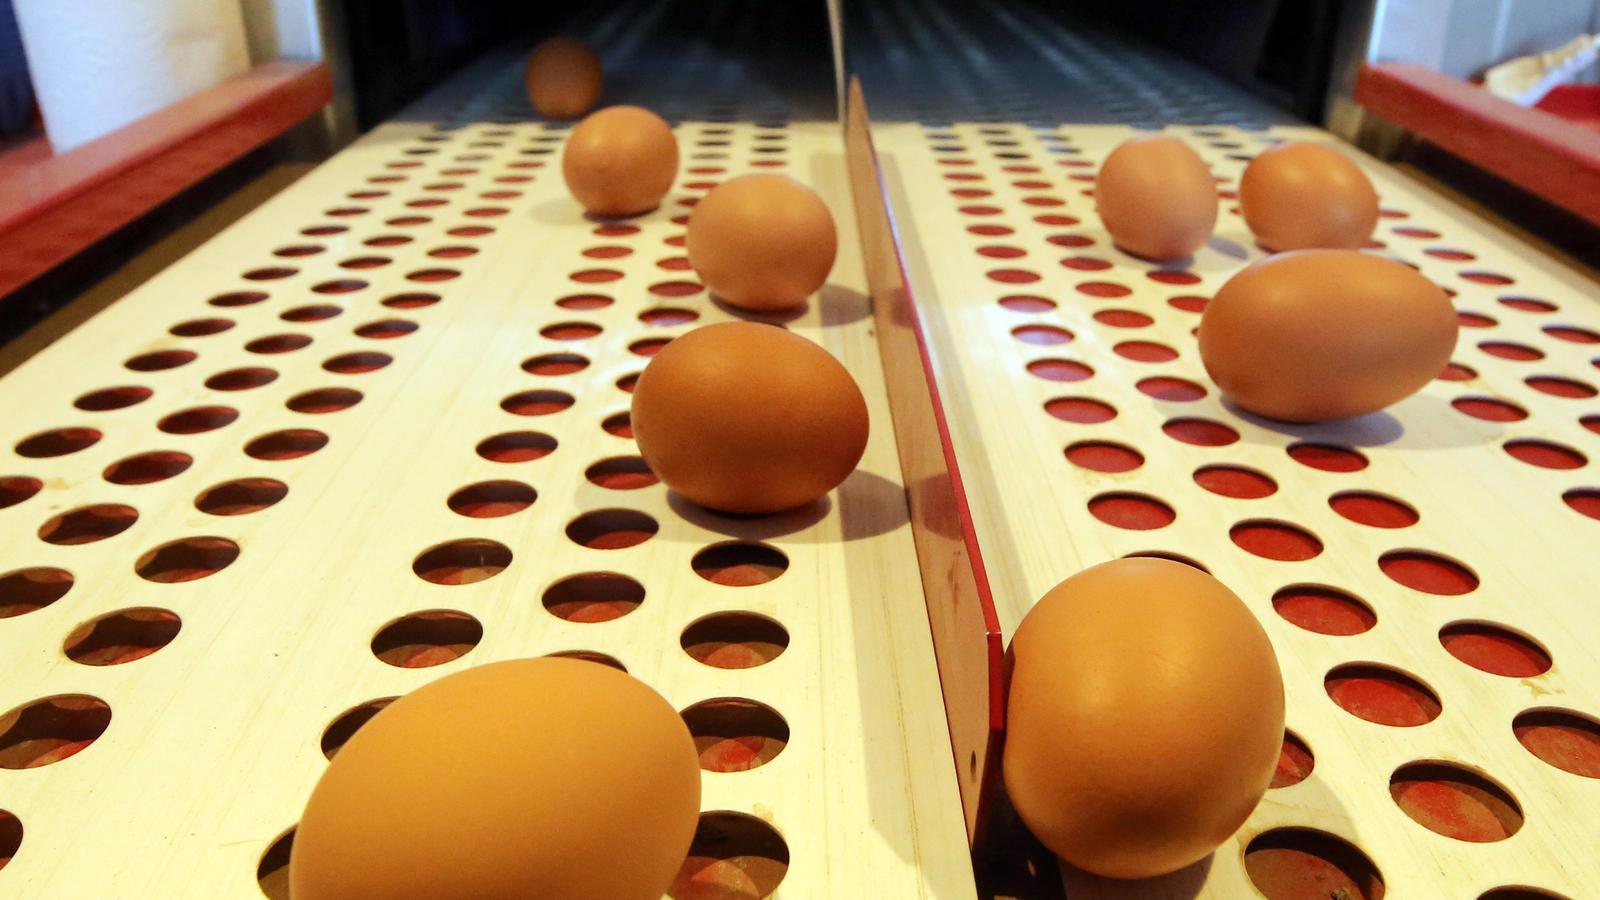 Die Eier von Freilandhühnern rollen am 01.02.2017 im niederrheinischen Schaephuysen (Nordrhein-Westfalen) bei Landwirt Philipp Benger über ein kleines Fließband. Seit Dezember 2016 gilt in Nordrhein-Westfalens wegen der Vogelgrippe eine Stallpflicht